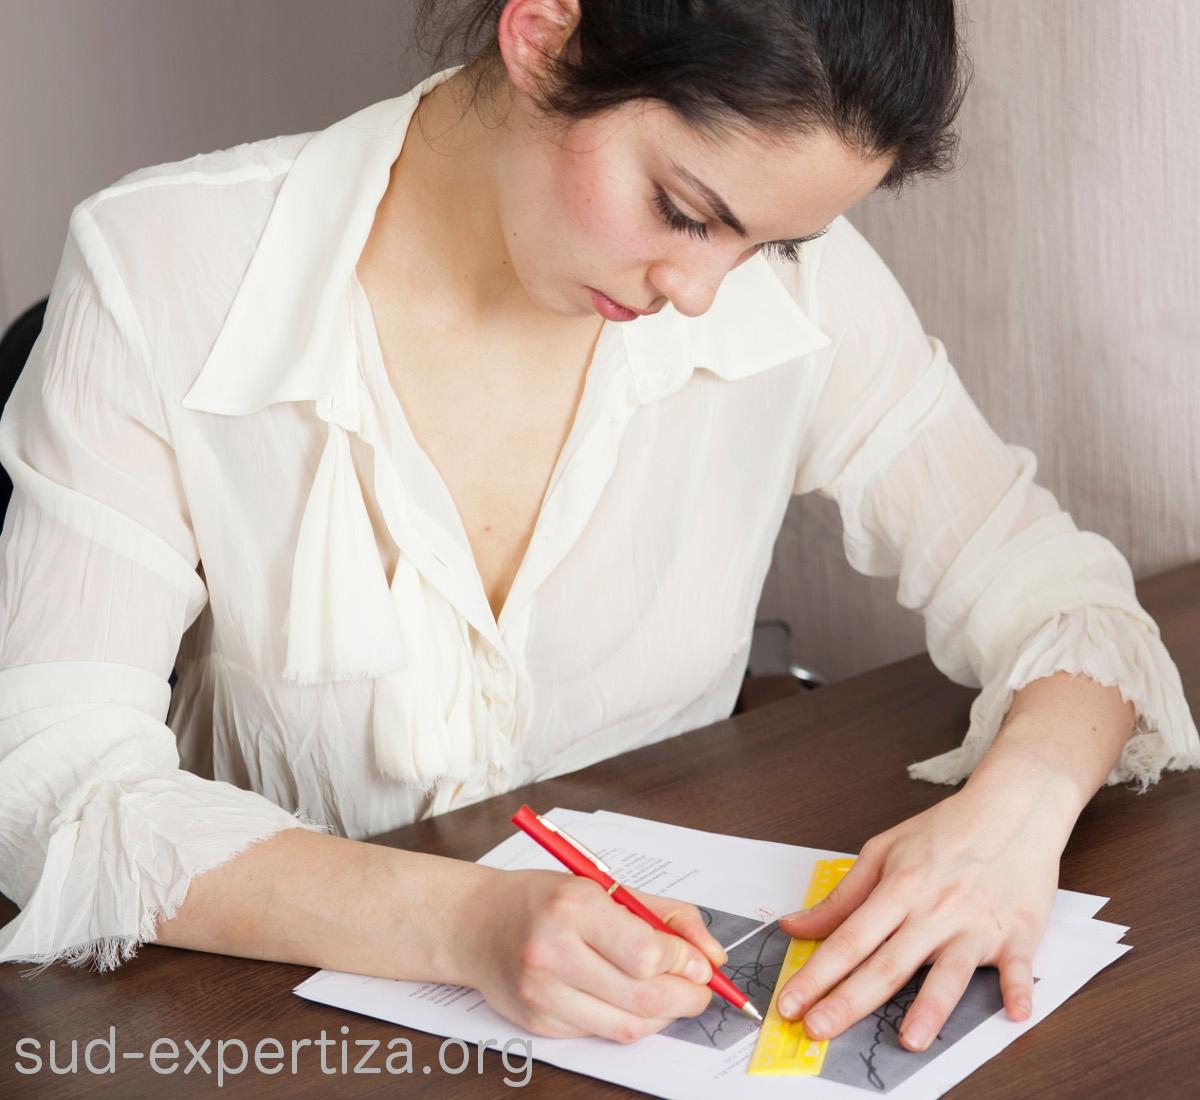 Экспертиза подписи в Бюро судебных экспертиз